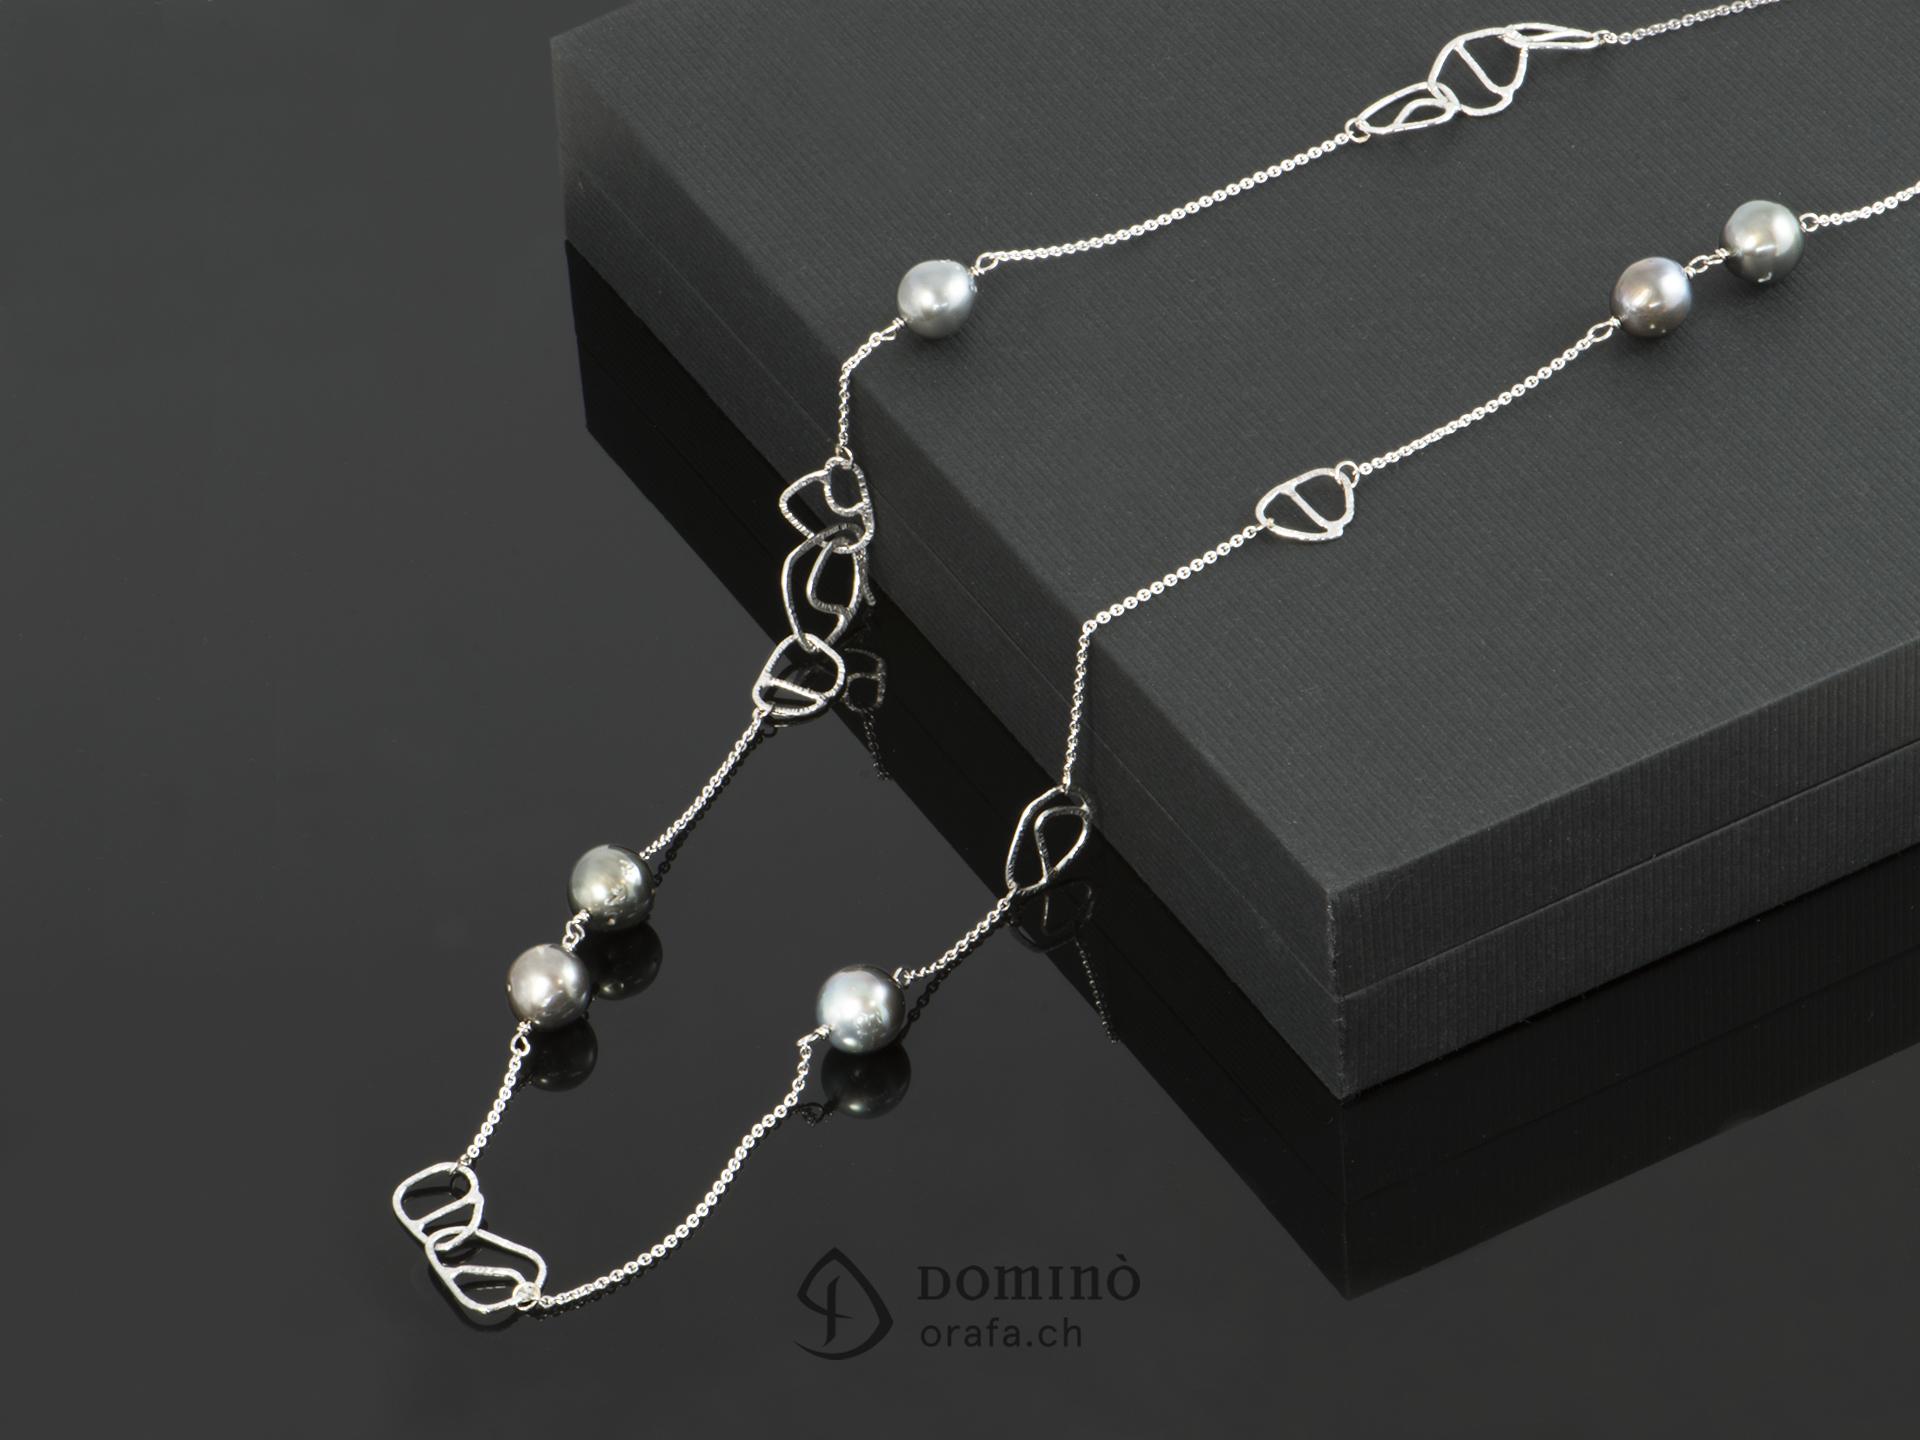 collana-lunga-elementi-fantasia-perle-tahiti-1